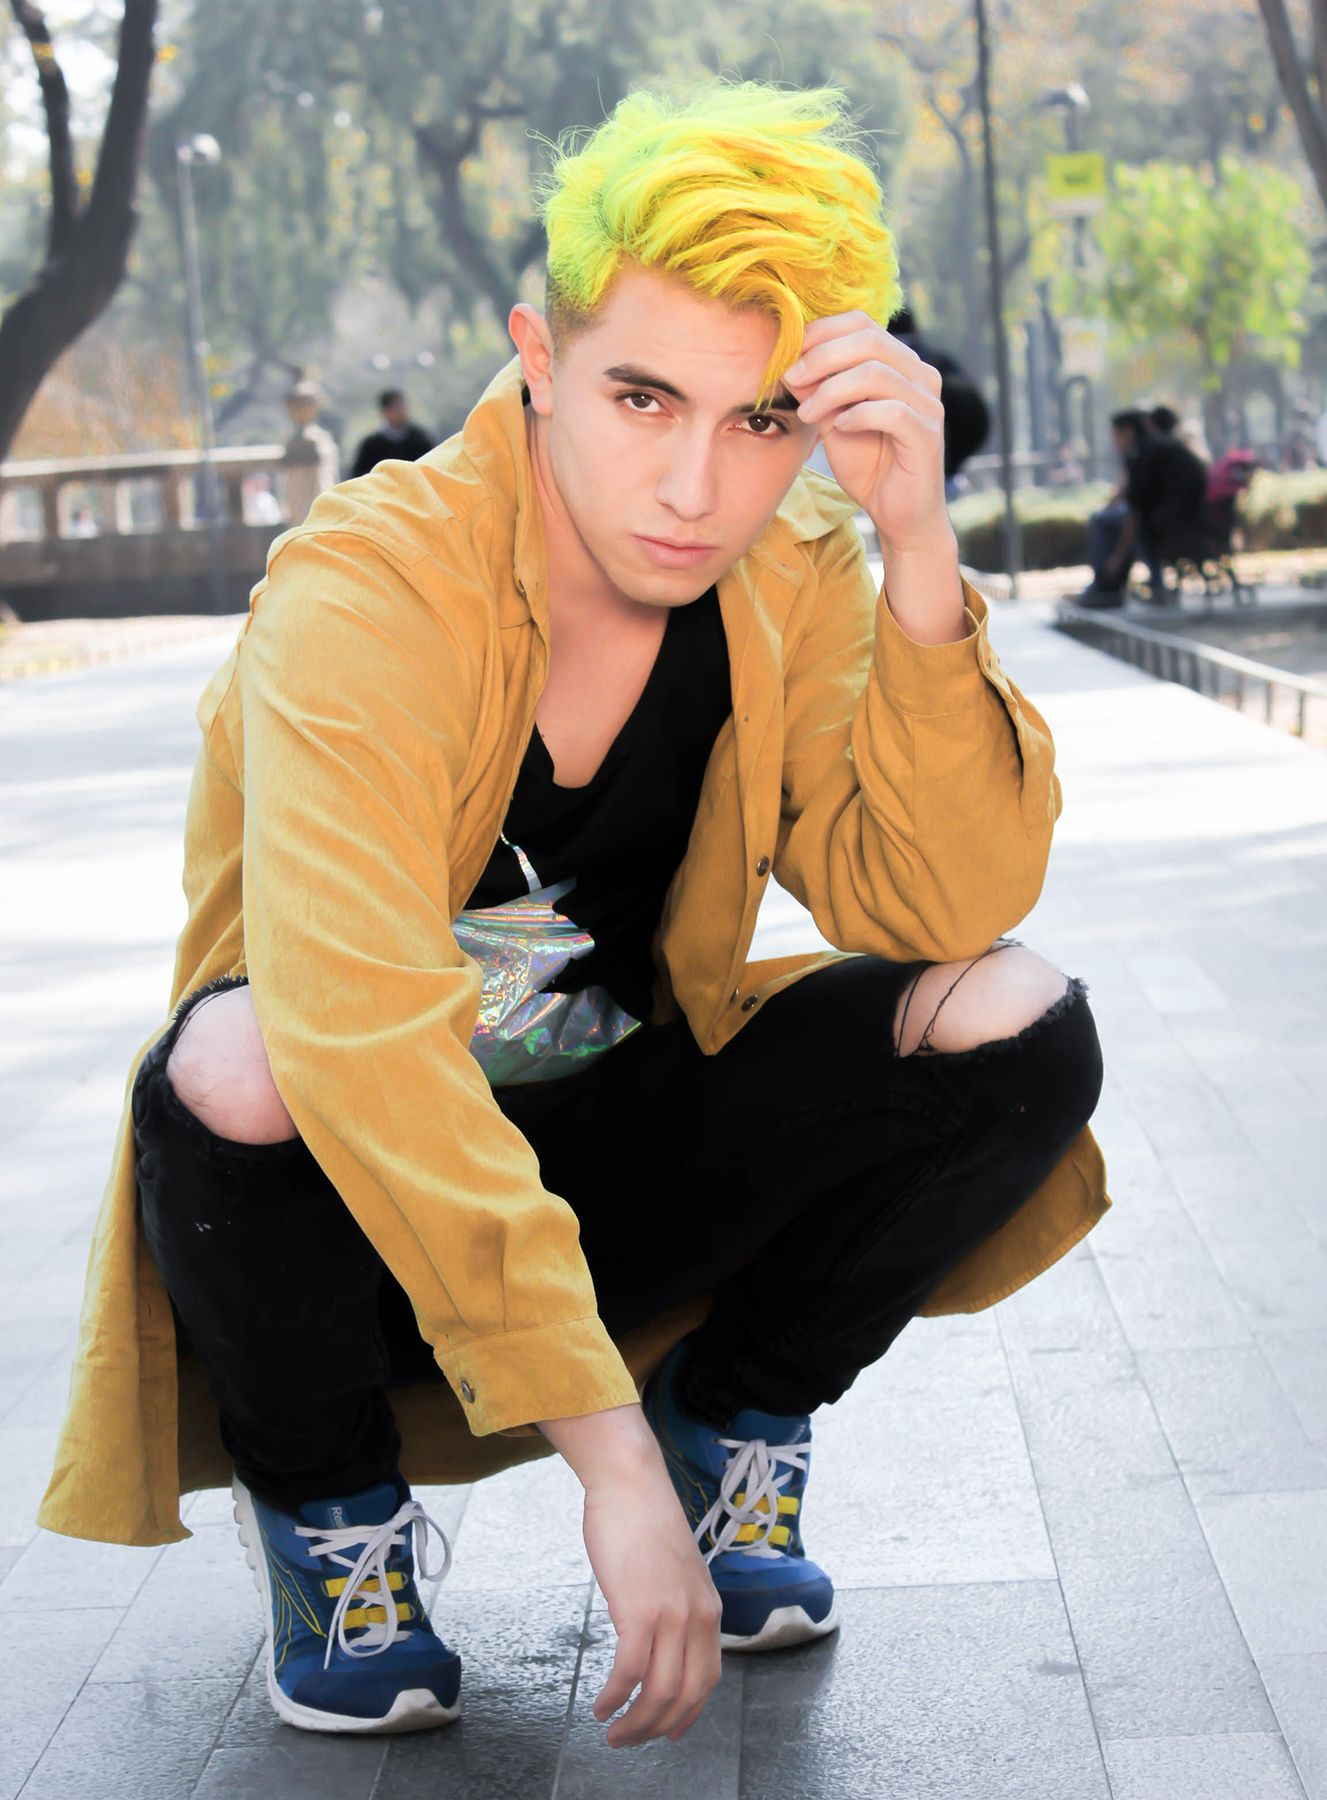 Cabello amarillo hombre Yellow hair men Hairstyle Manic Panic Electric  Banana Fotografía José Aguilar Tutorial youtube  Damián Cervantes e87b5cfc430b